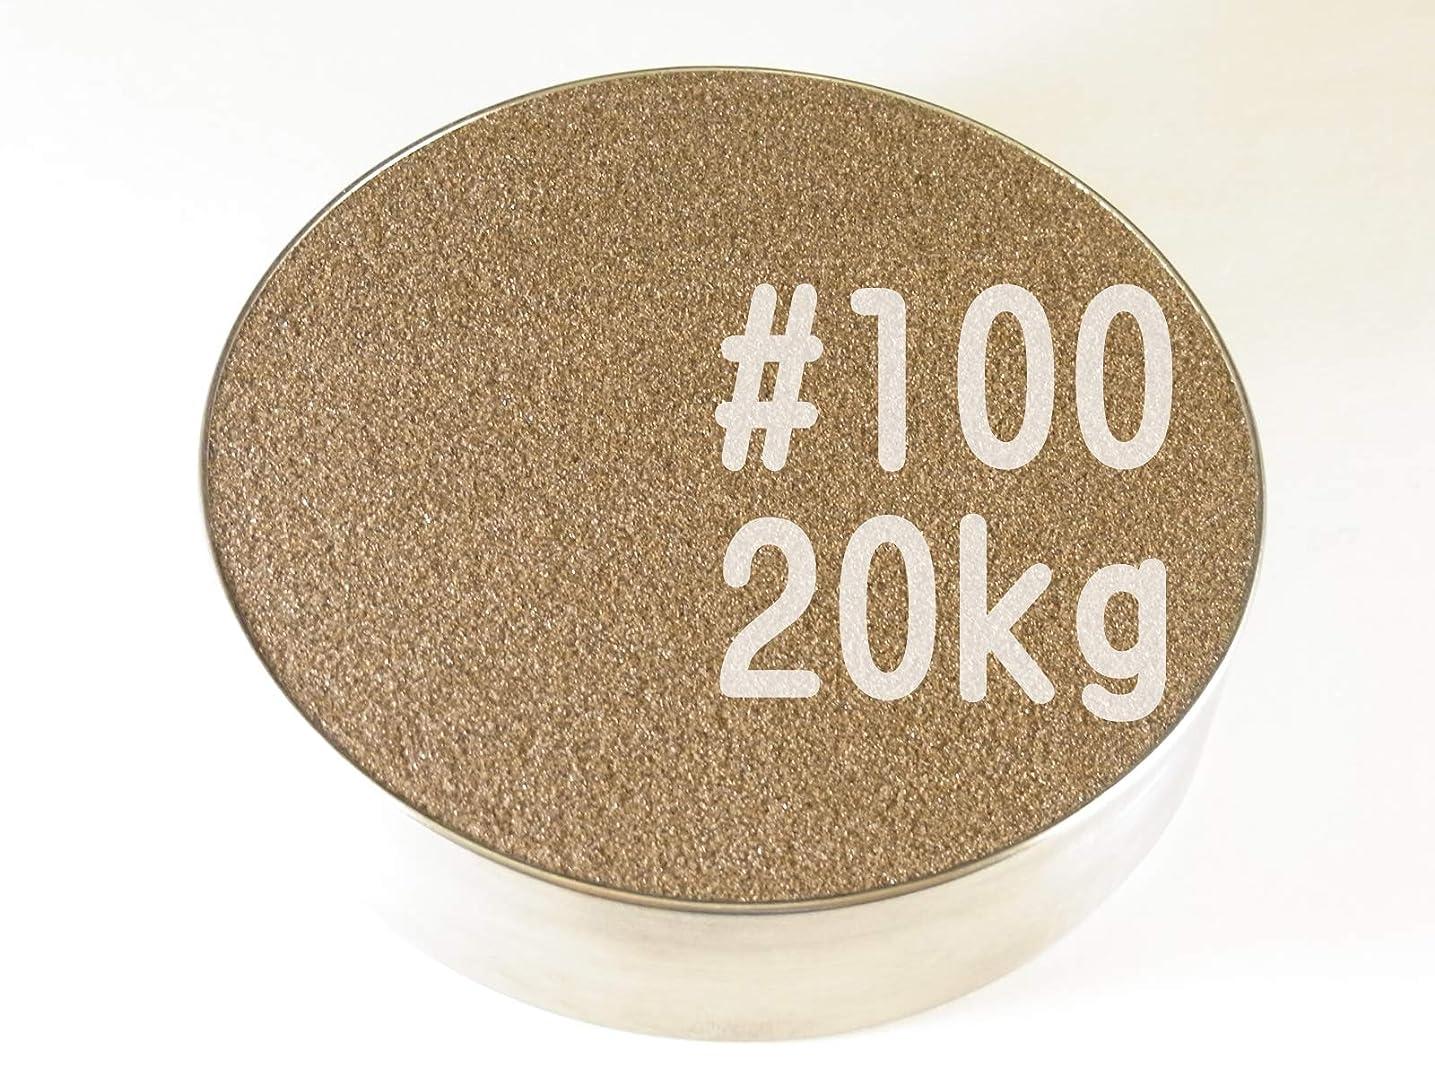 切手豊かな労働者#100 (20kg) アルミナサンド/アルミナメディア/砂/褐色アルミナ サンドブラスト用(番手サイズは7種類から #40#60#80#100#120#180#220 )